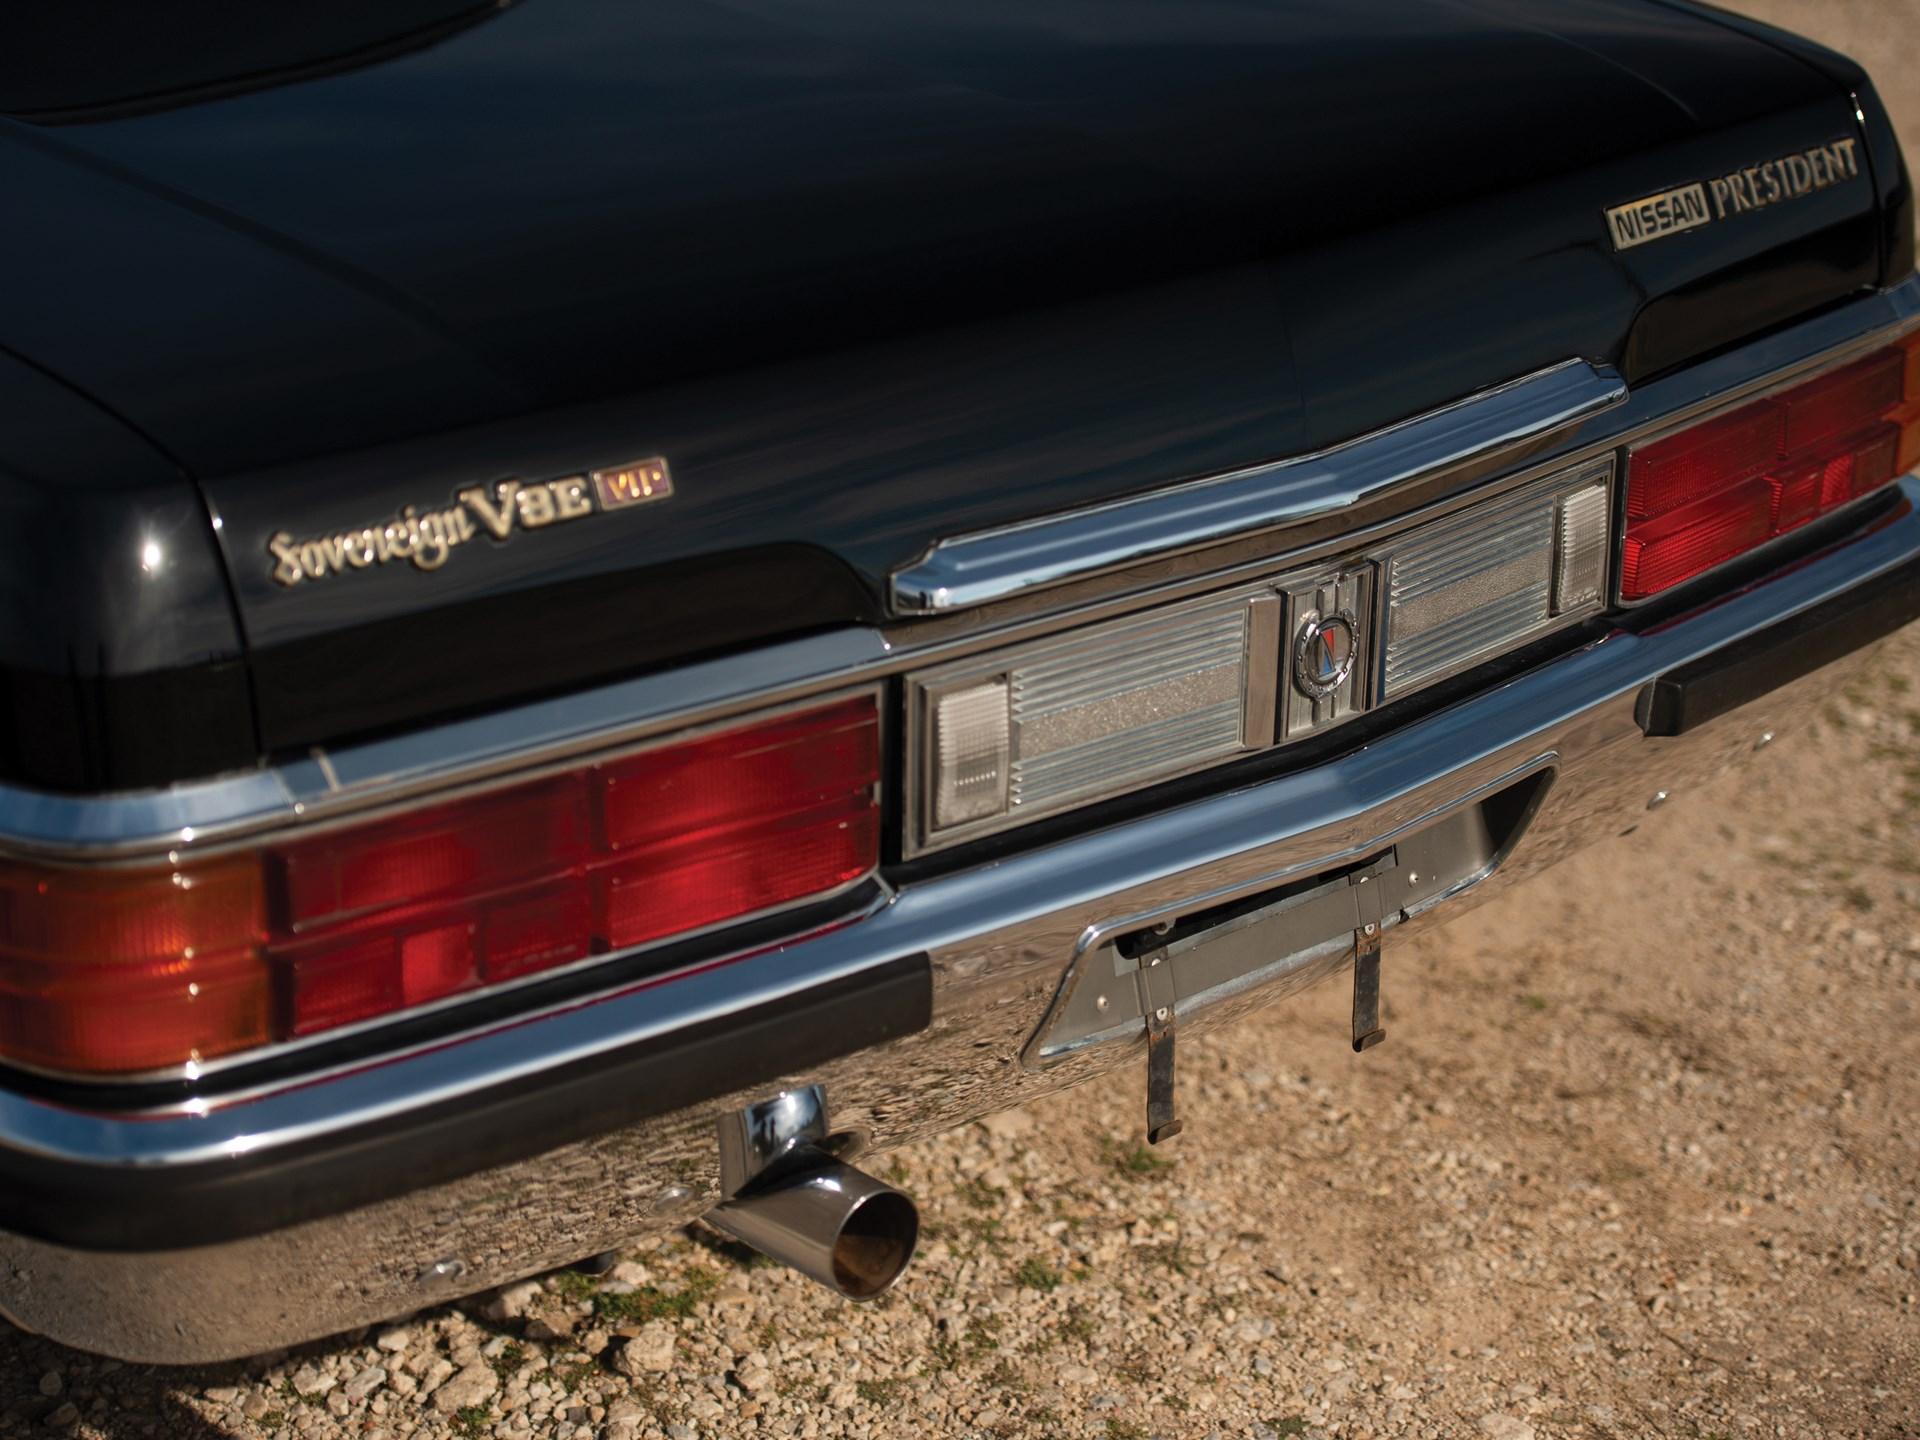 1987 Nissan President Sovereign V8E VIP rear tail detail